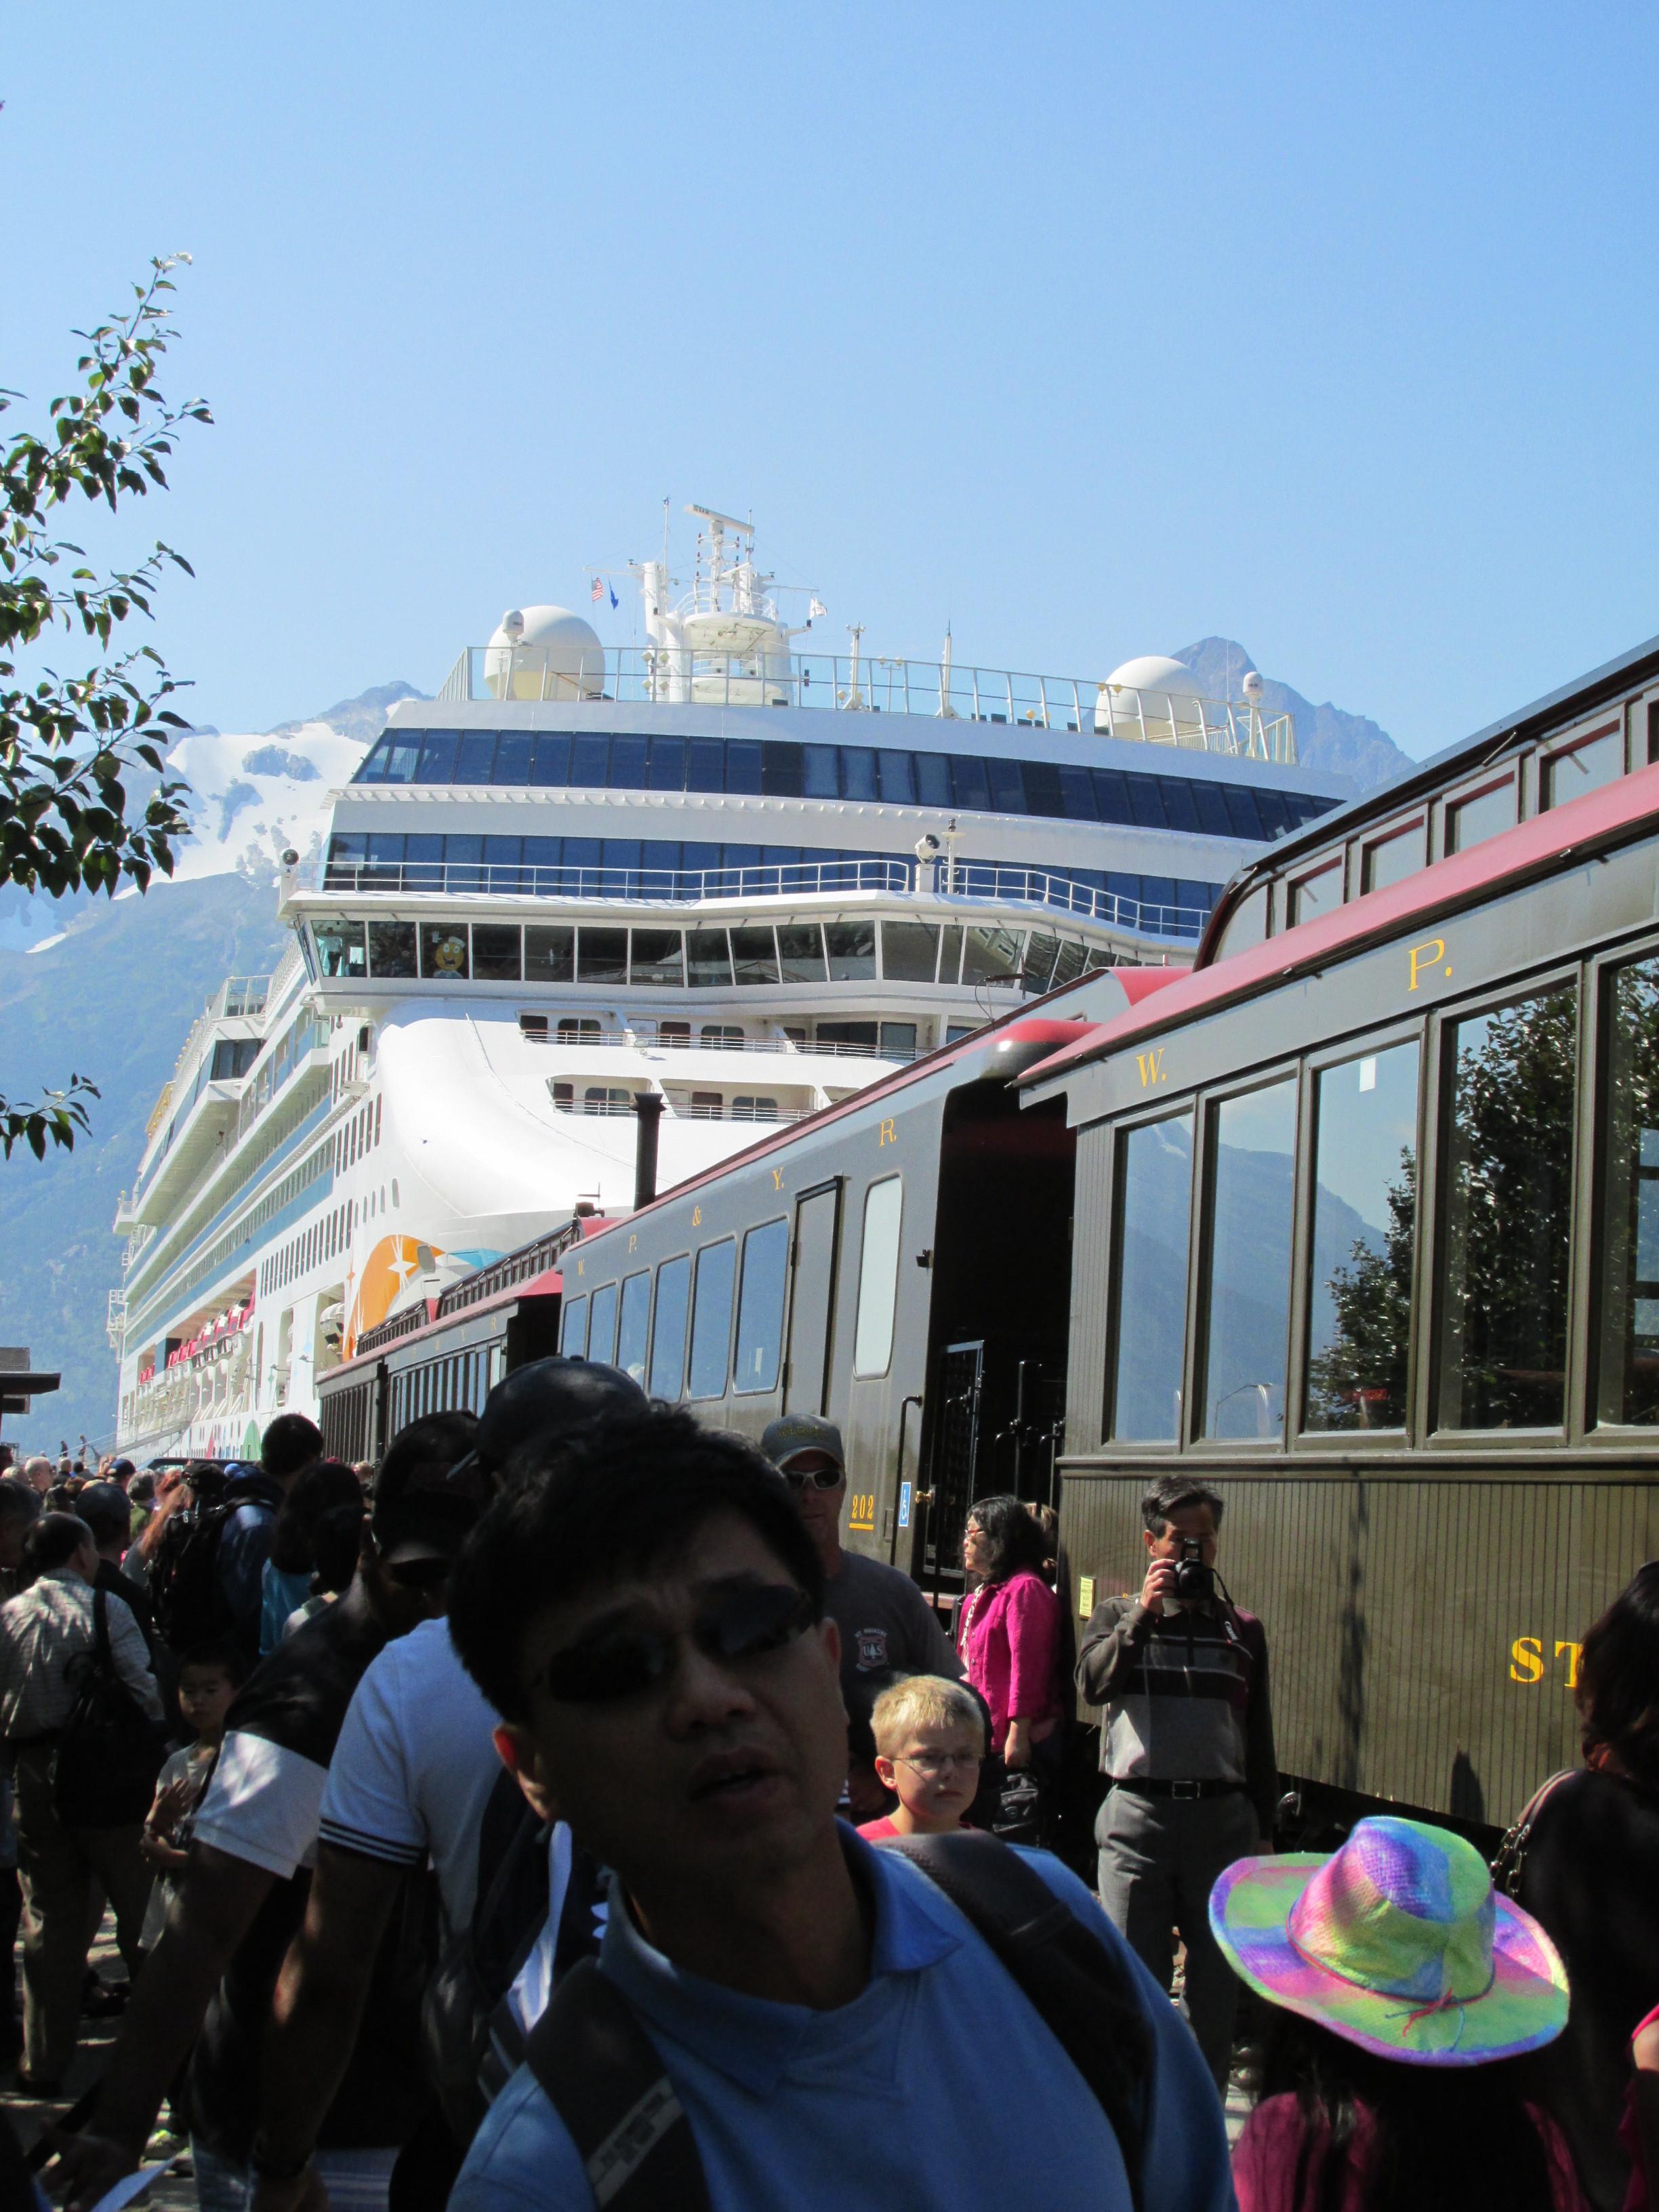 Norwegian Cruise Line Review - The Avid Cruiser